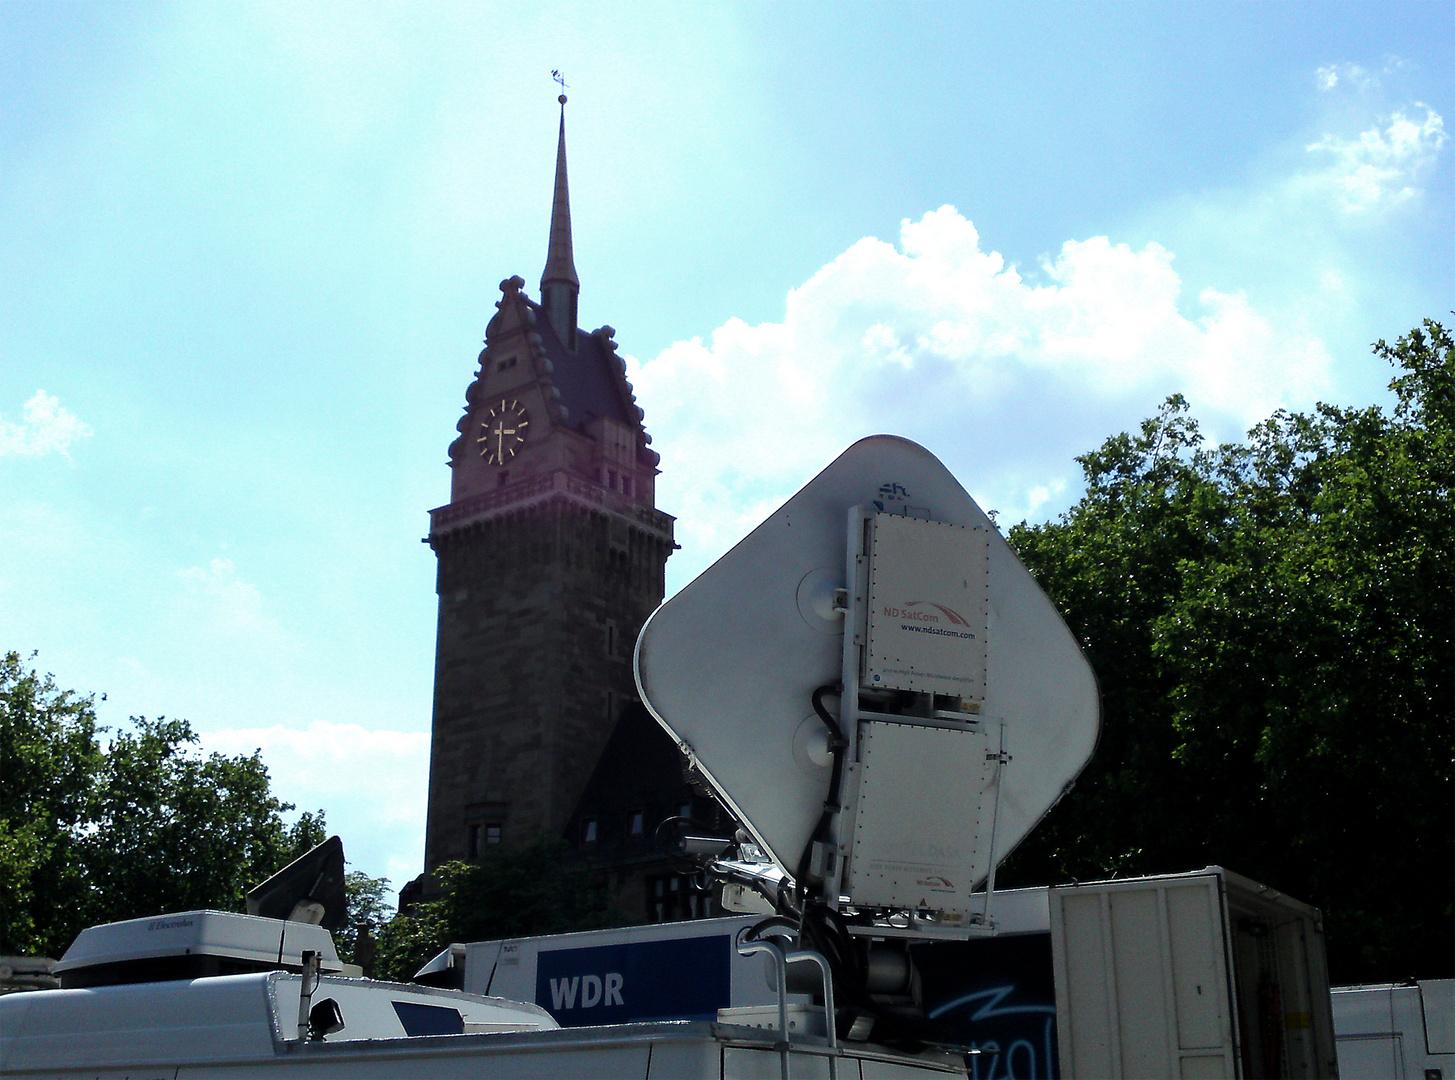 Medienbelagerung des Duisburger Rathauses nach der Loveparade-Katastrophe